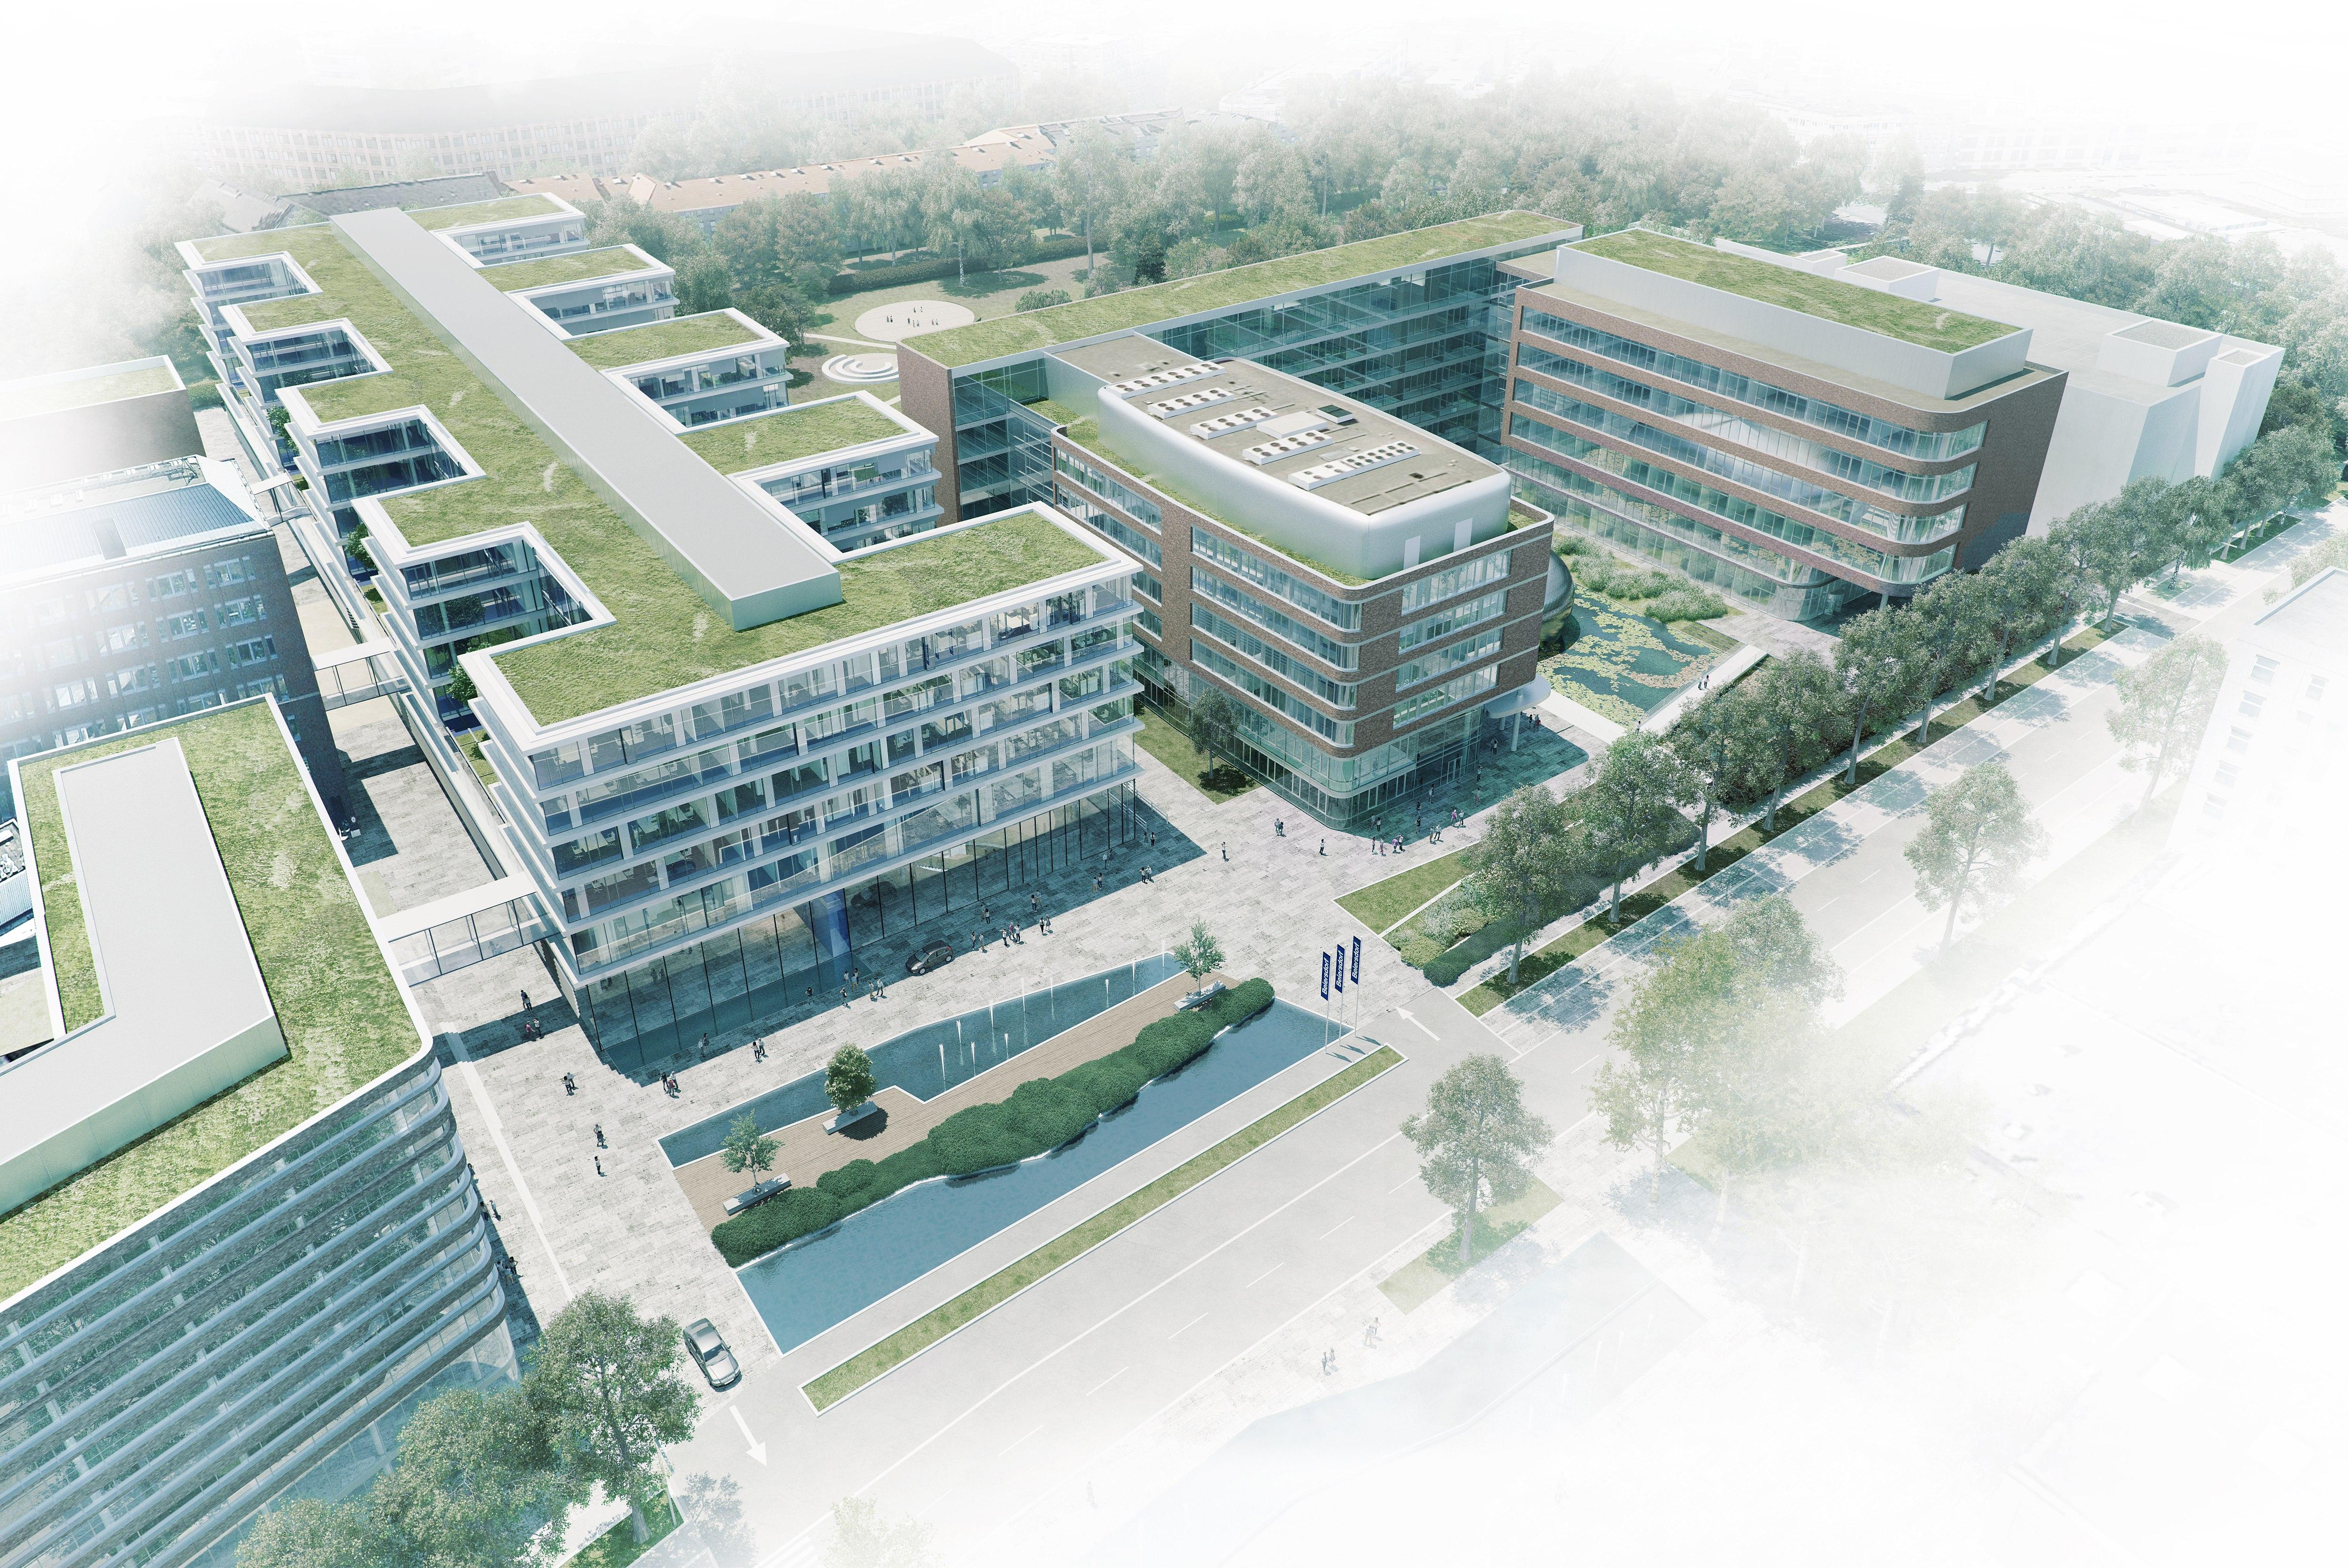 Neubau der Konzernzentrale | Beiersdorf